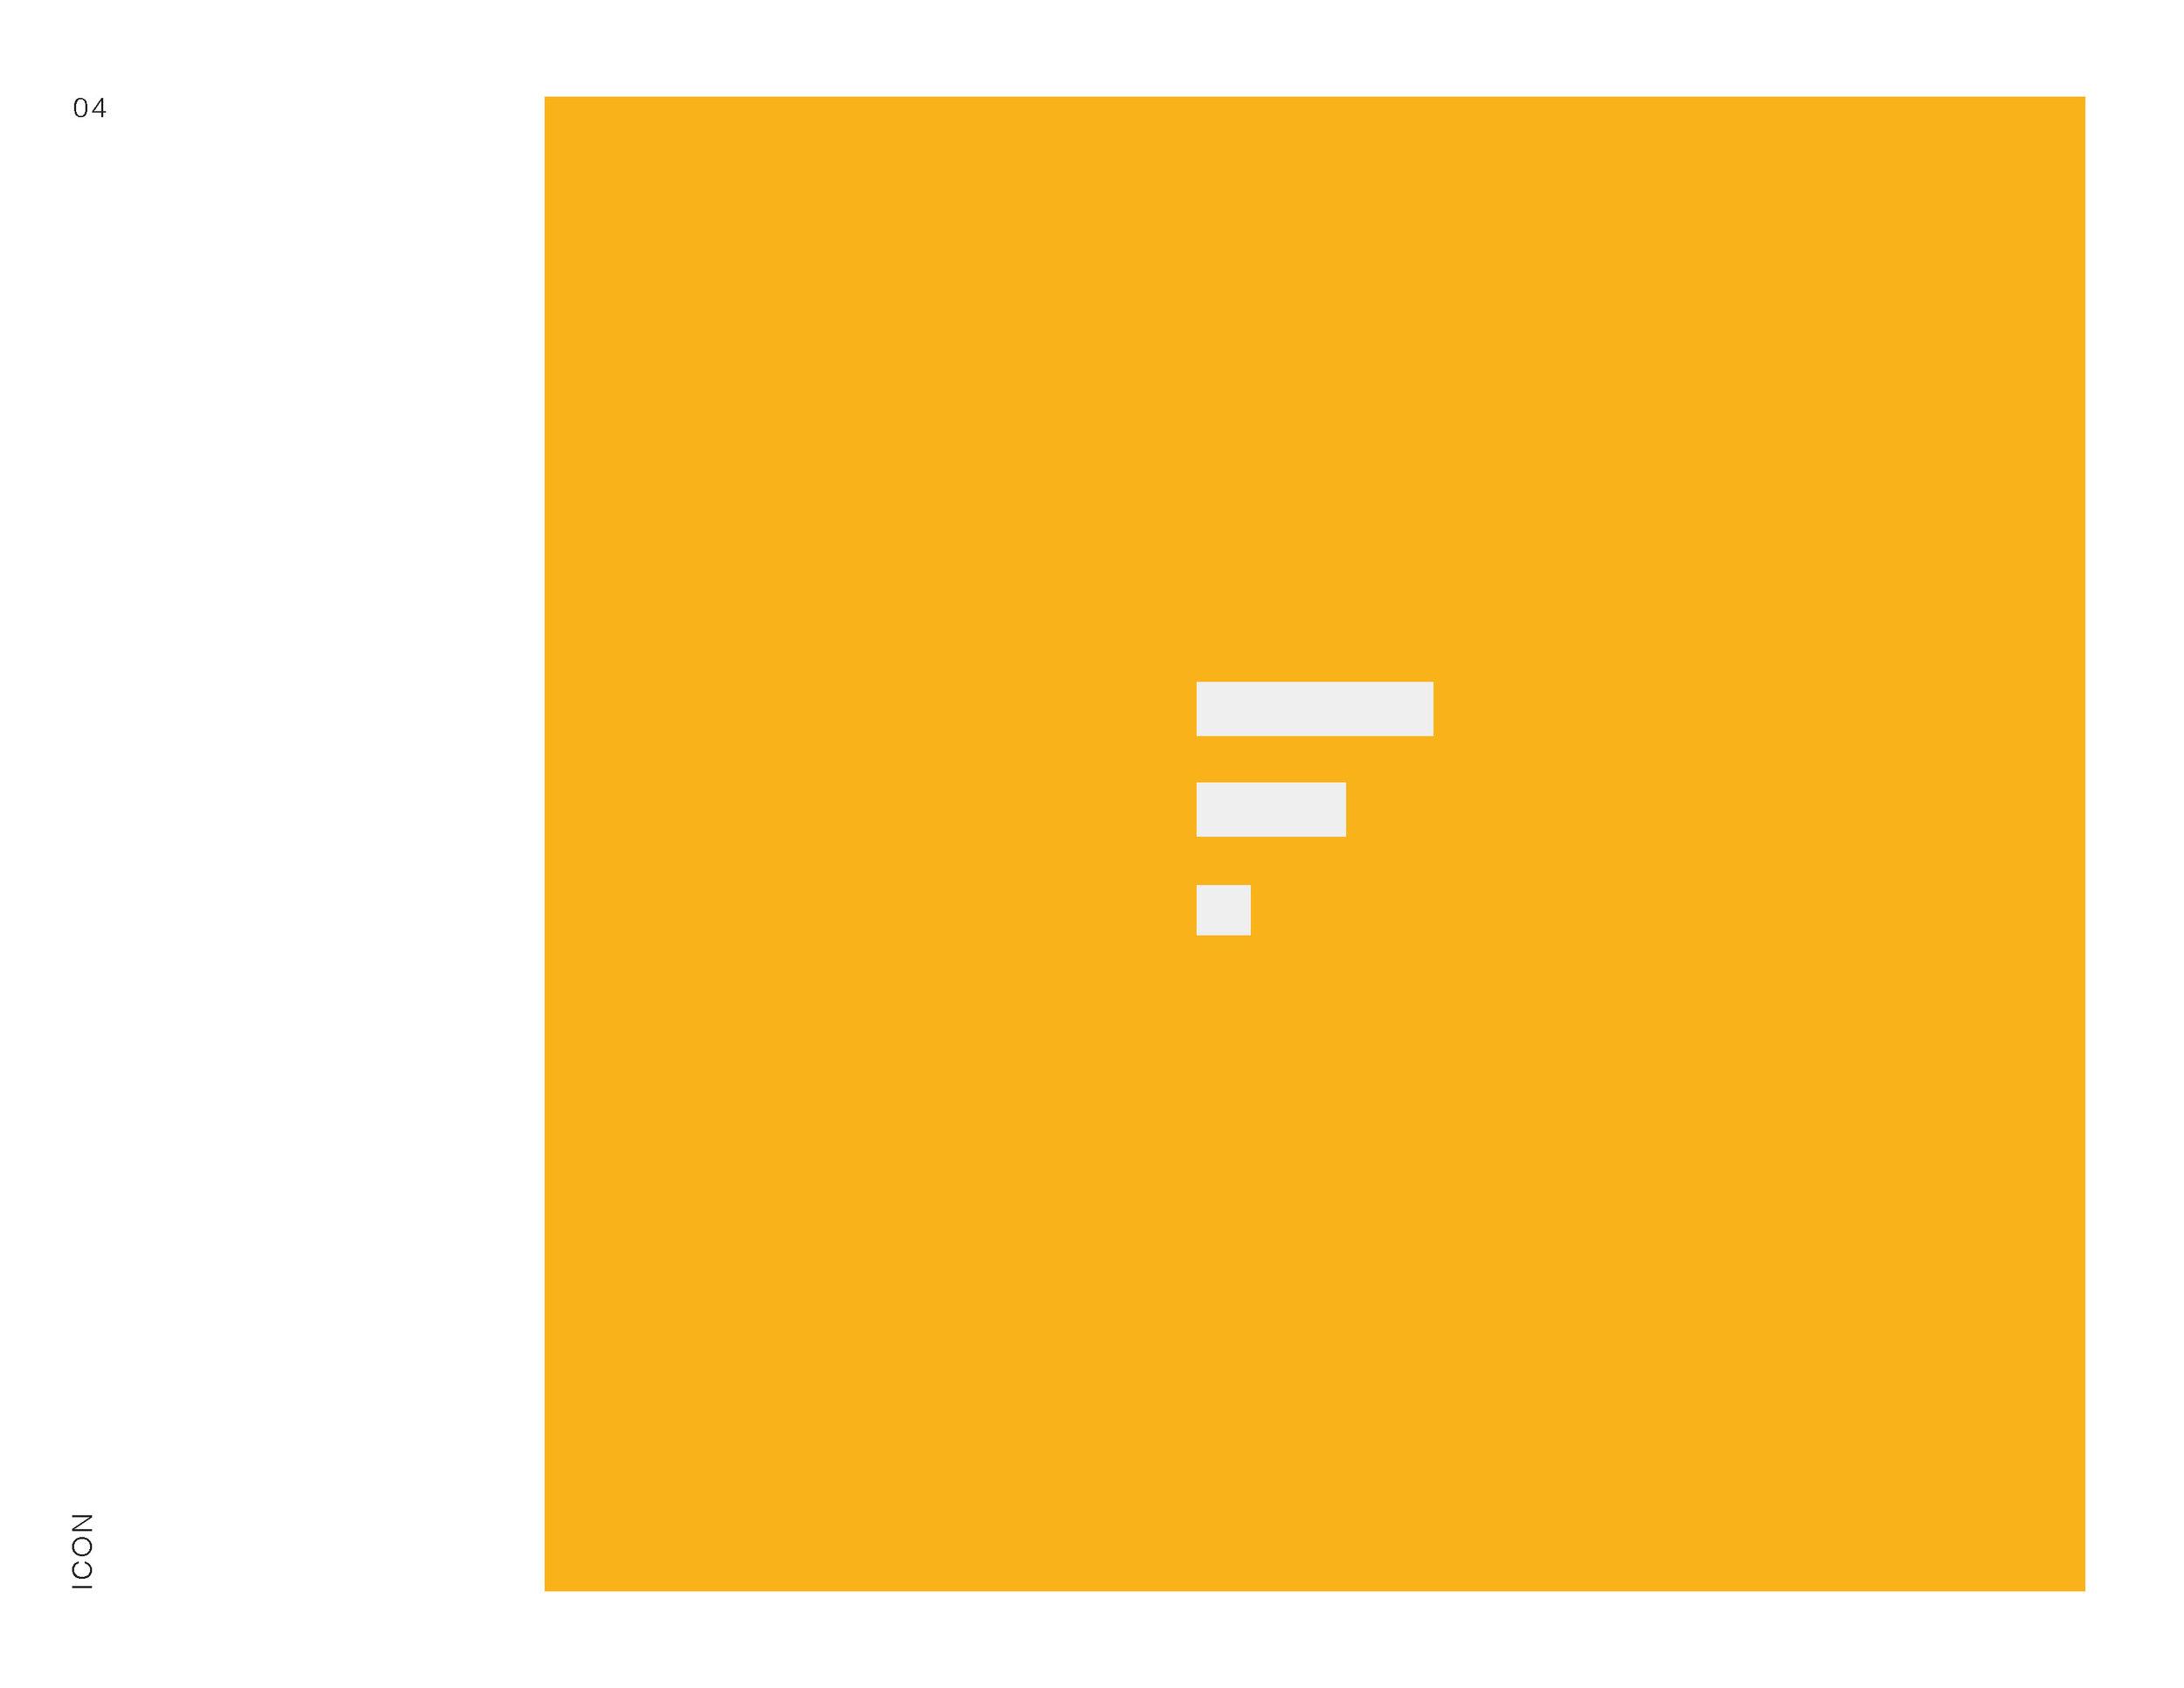 Fillogic Master Brand_Page_04.jpg